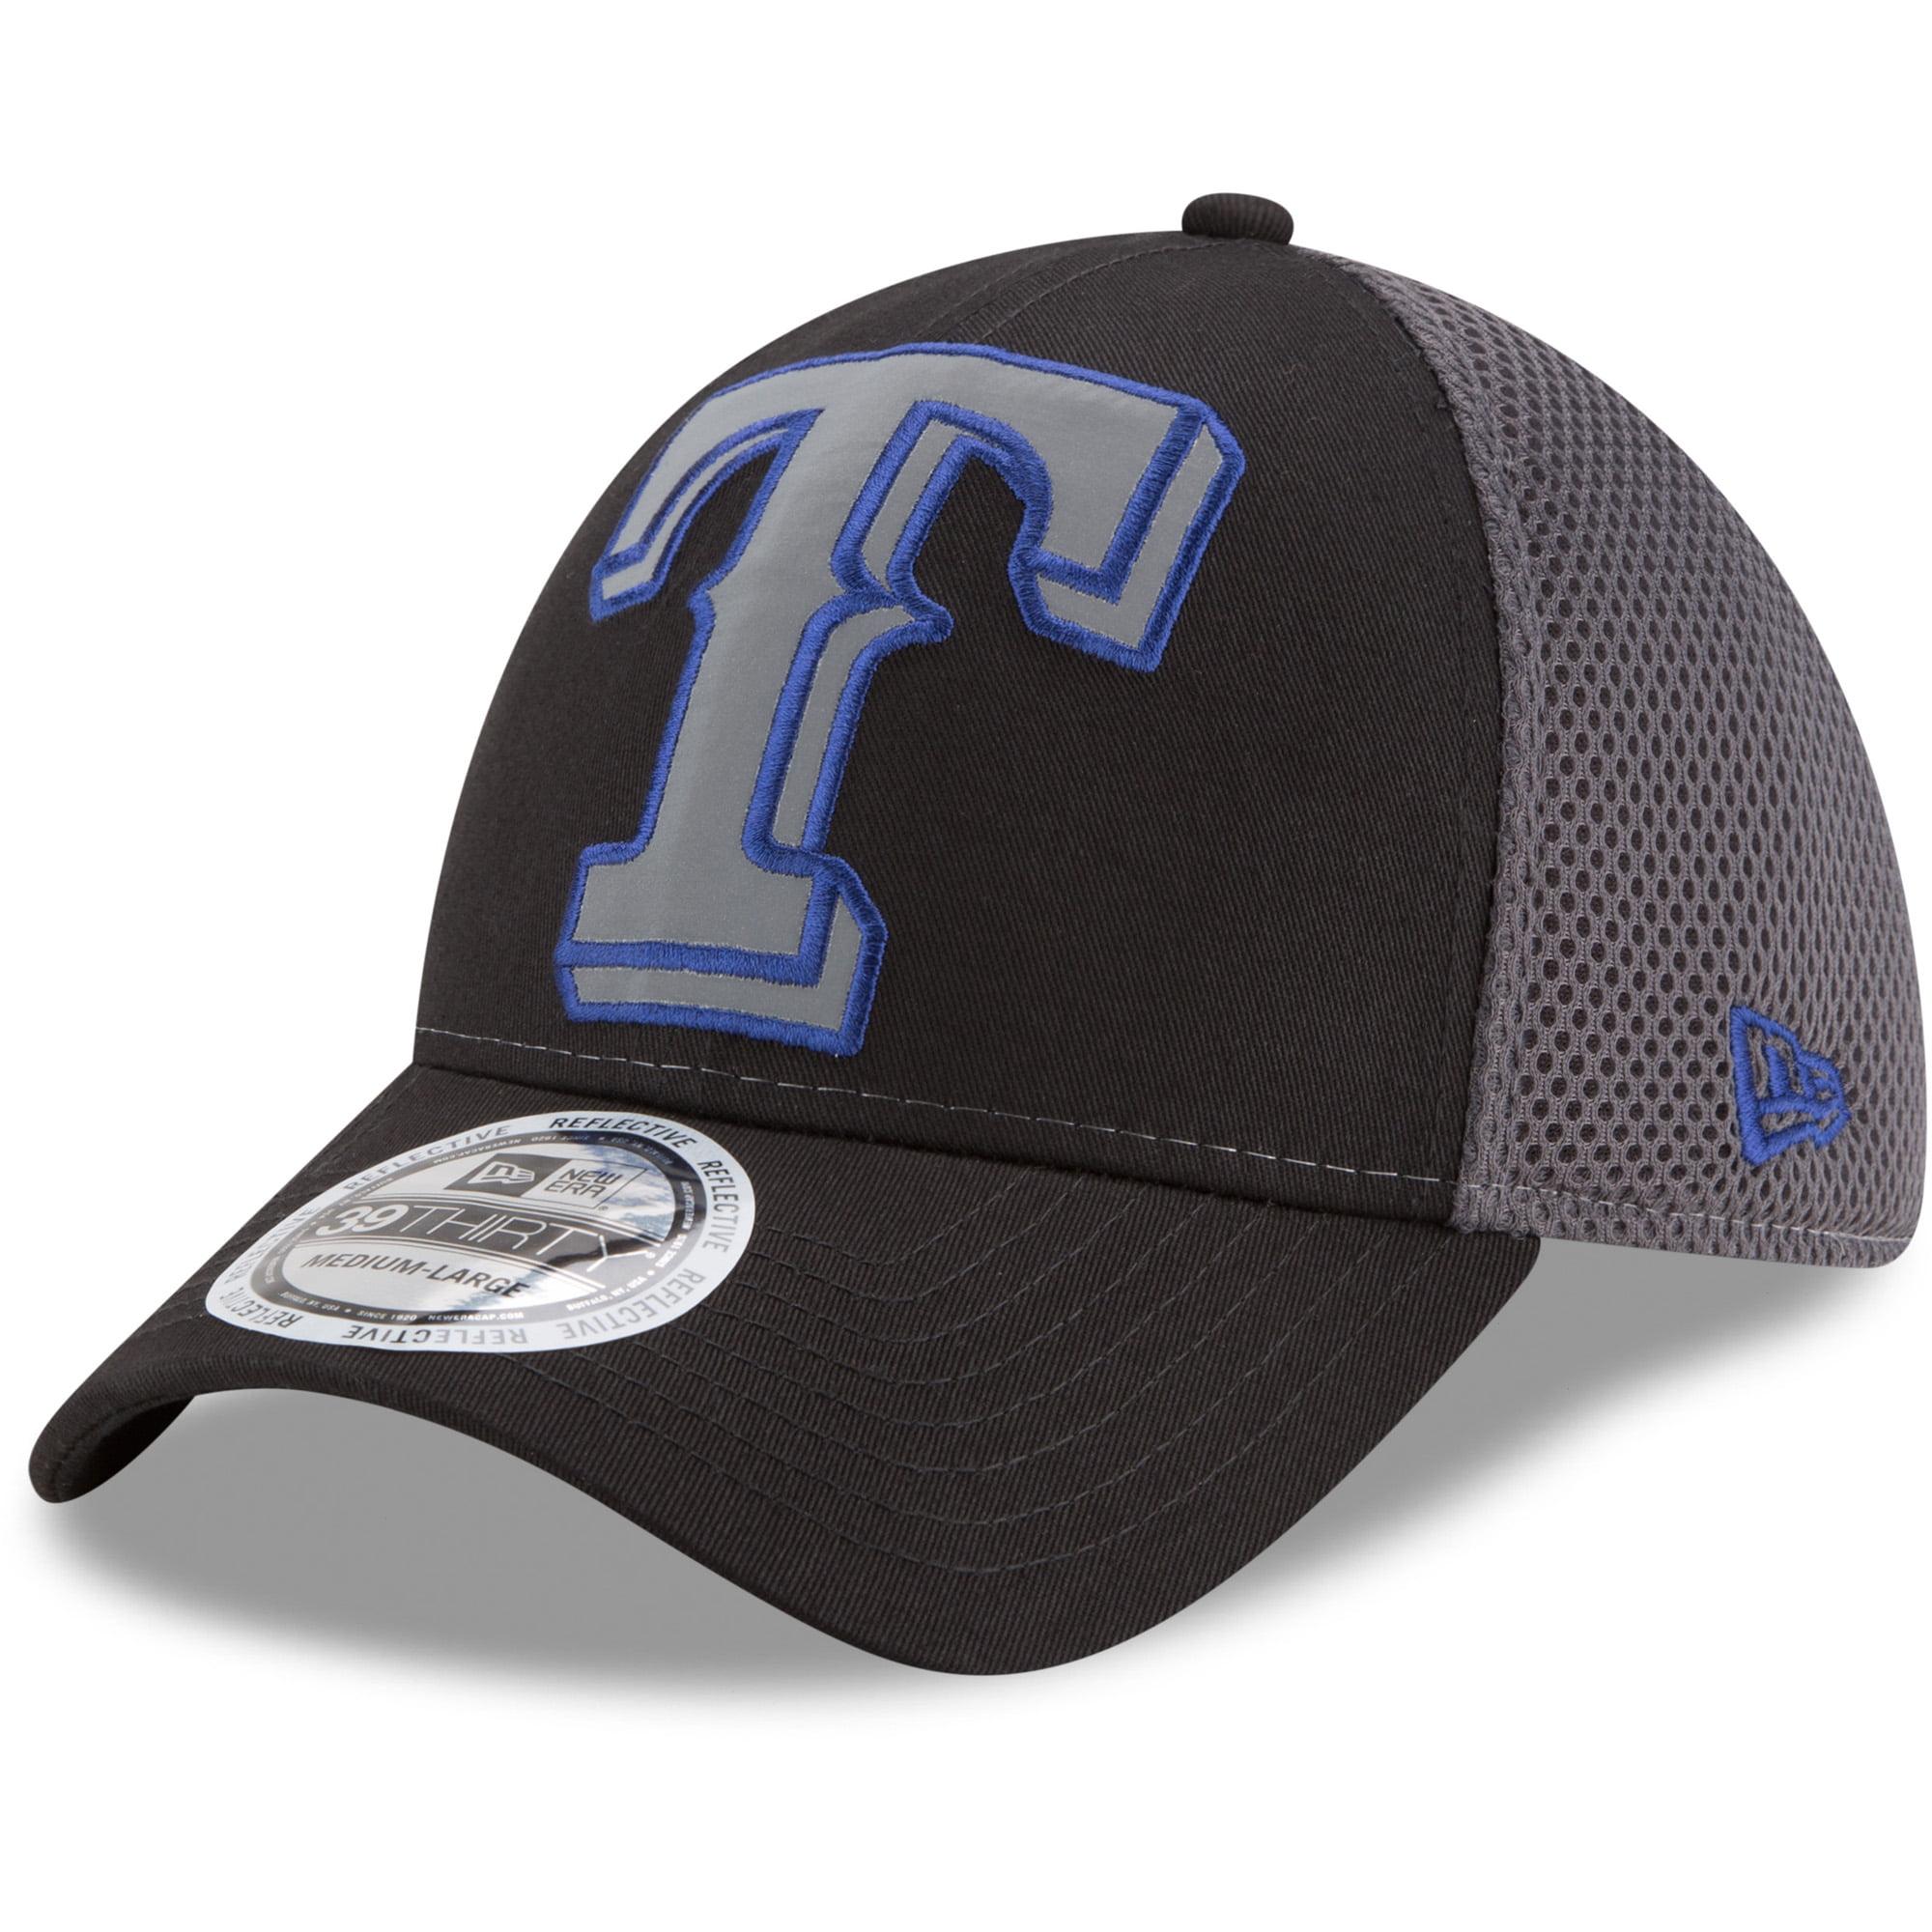 Texas Rangers New Era Megaflect 39THIRTY Flex Hat - Black